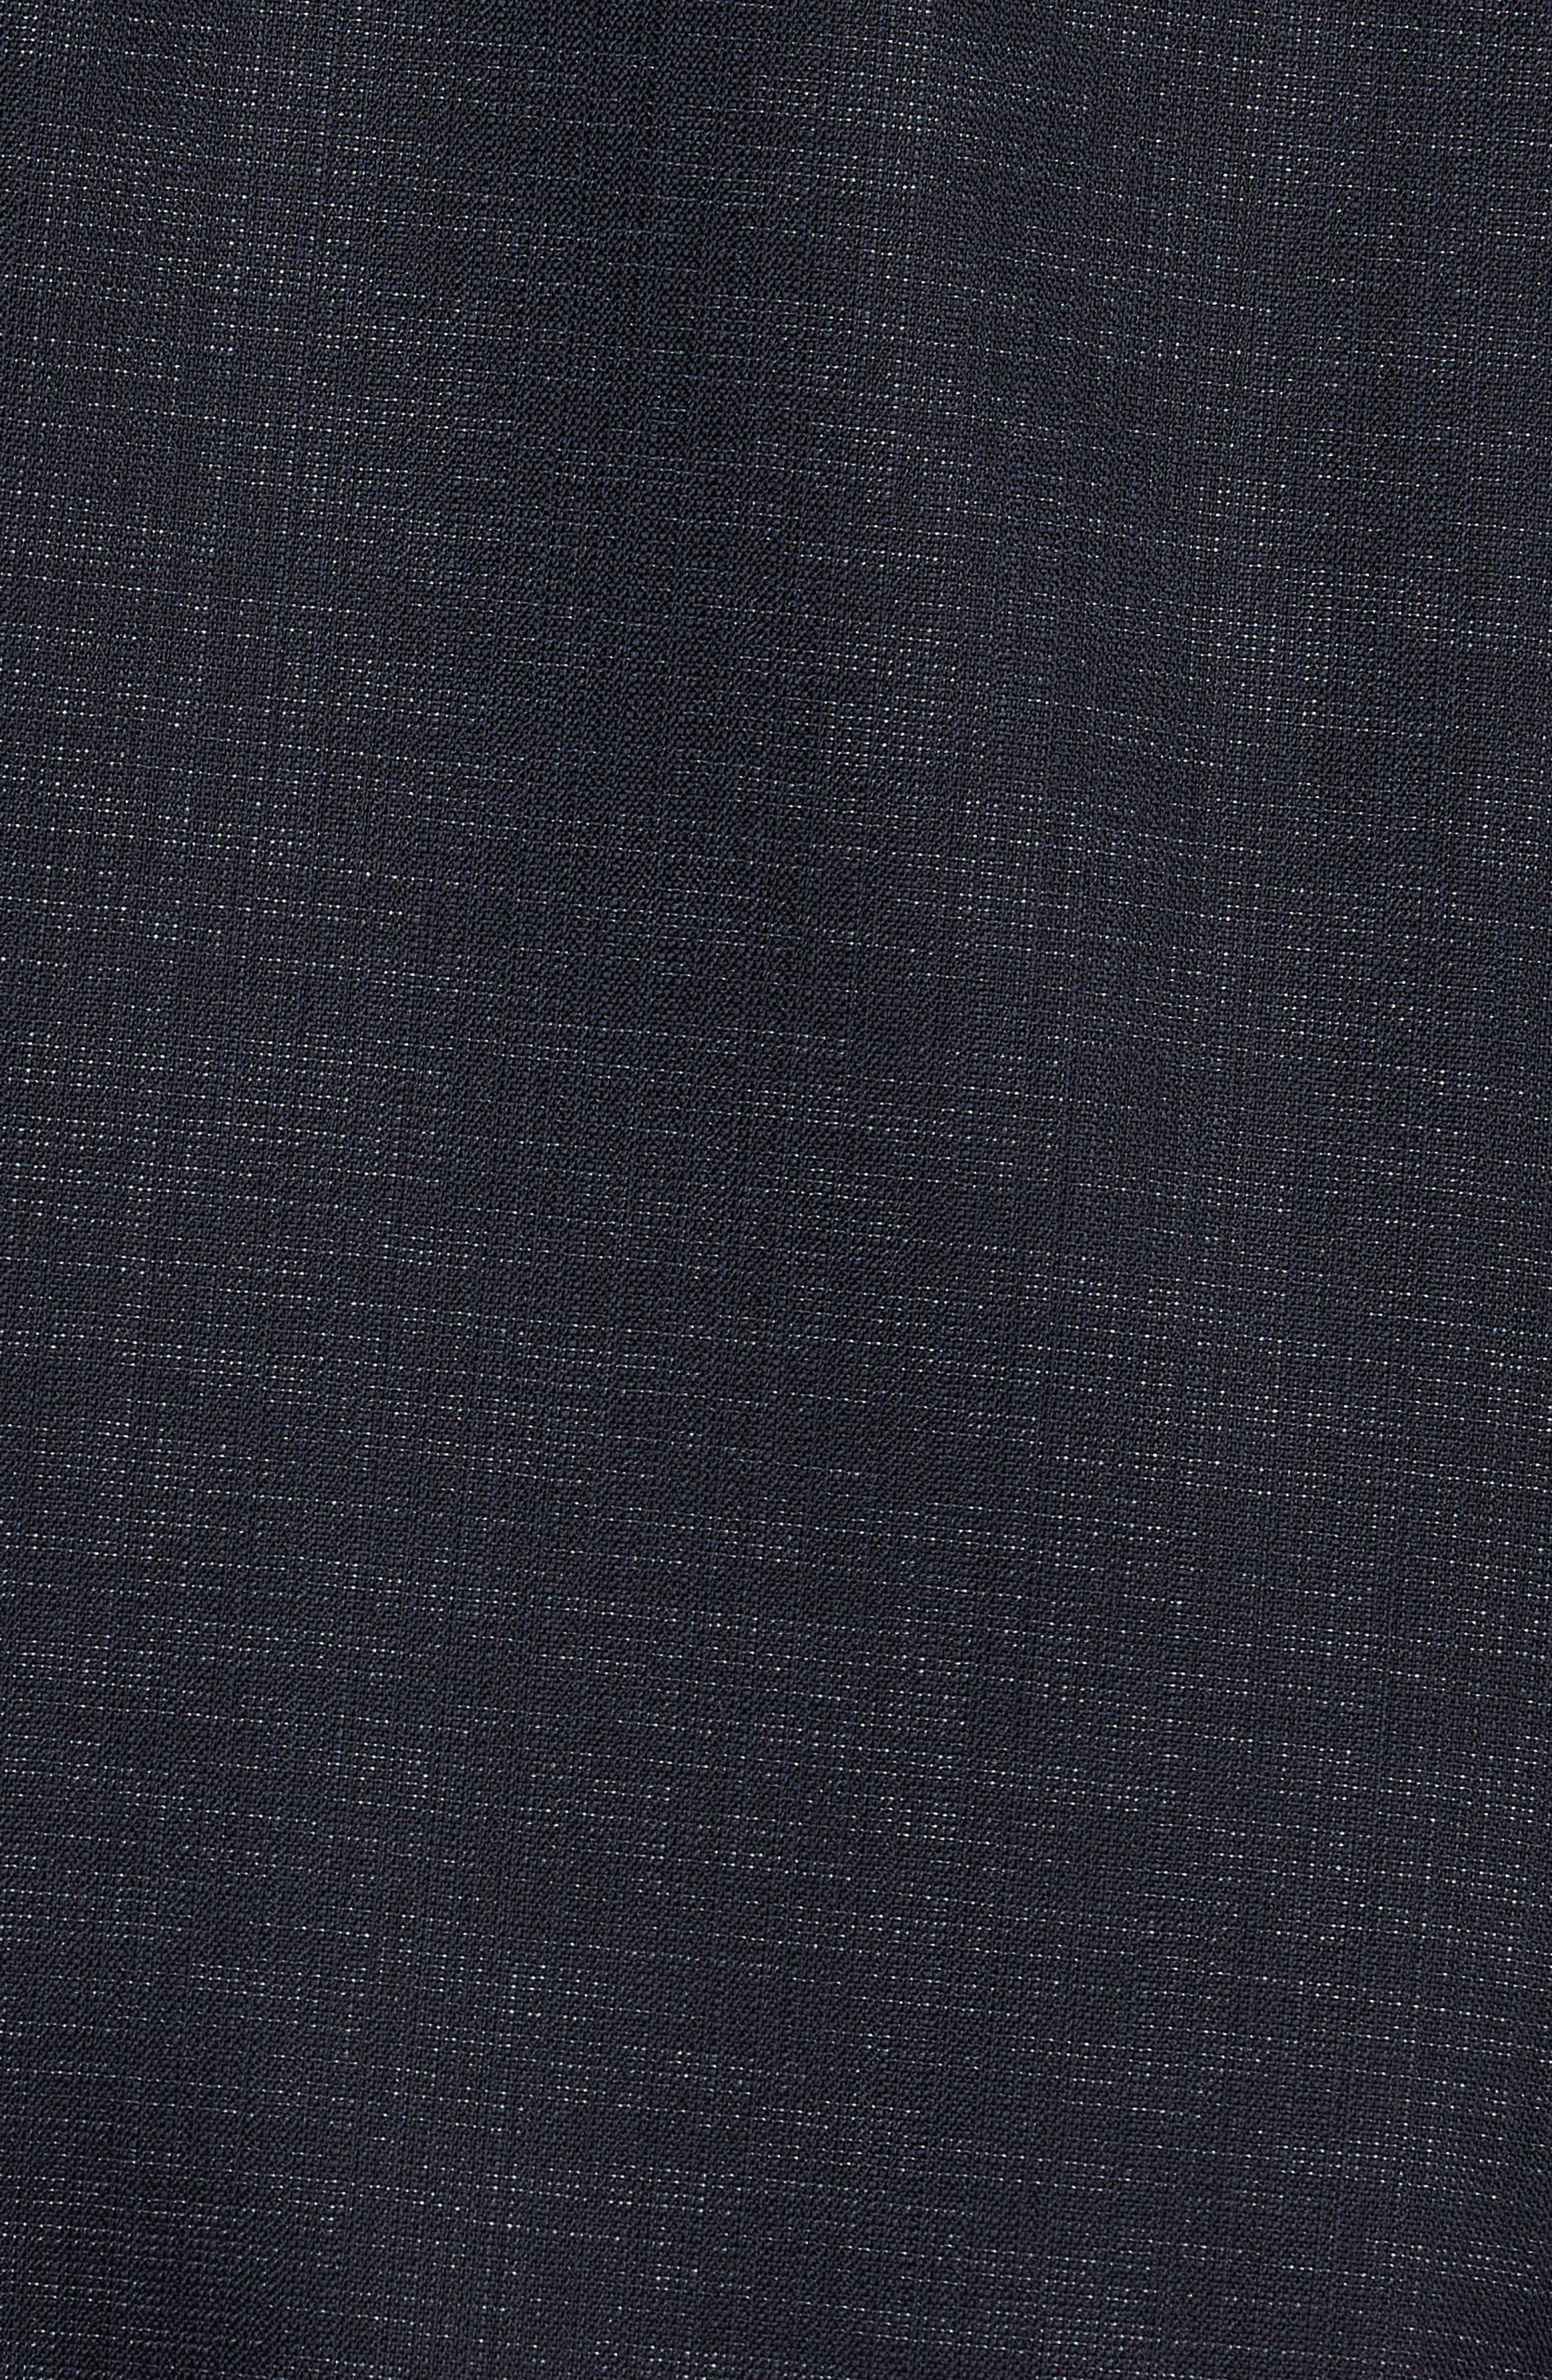 Novan/Ben Trim Fit Solid Wool Blend Suit,                             Alternate thumbnail 7, color,                             410